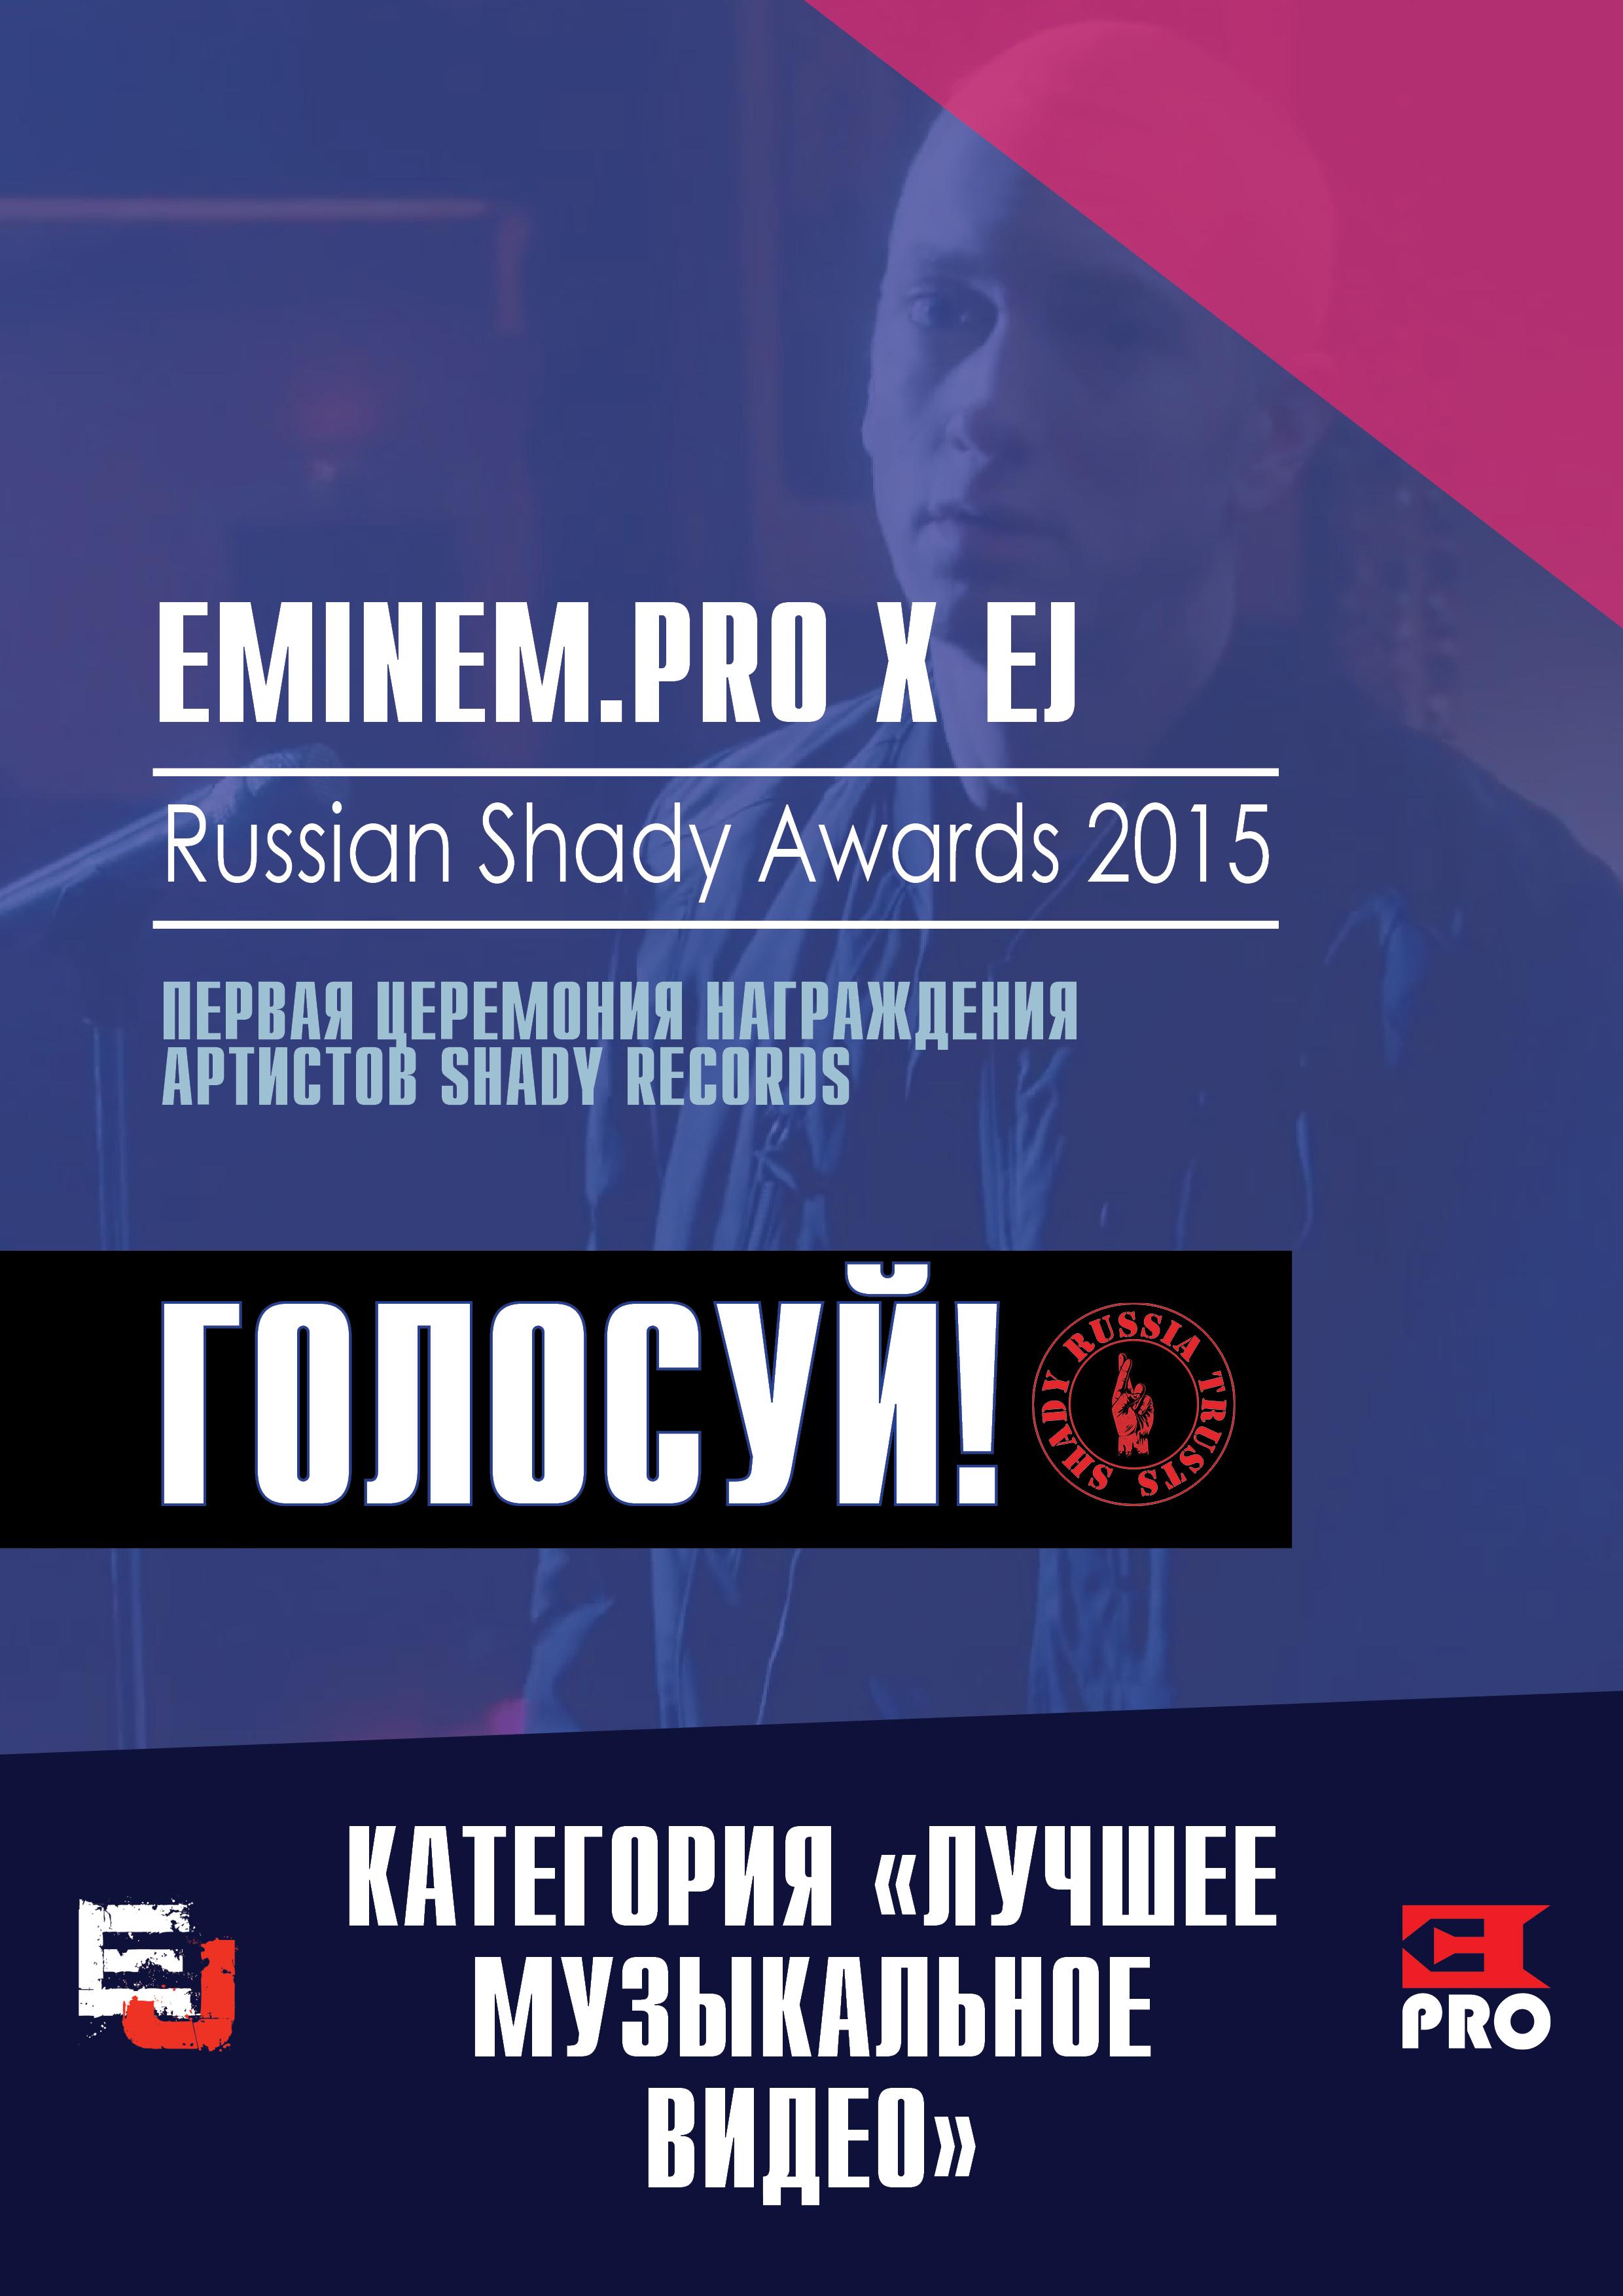 Russian Shady Awards: голосование за лучший клип